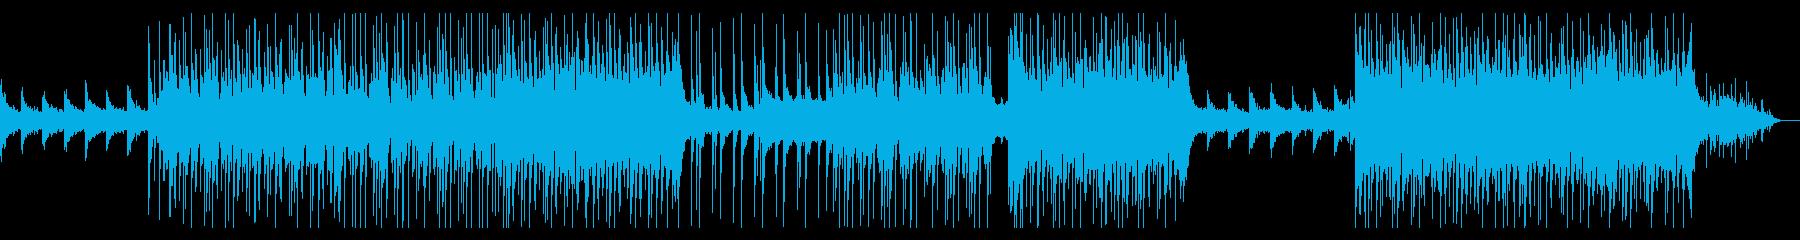 HIPHOPトラック/明るい/爽やかの再生済みの波形